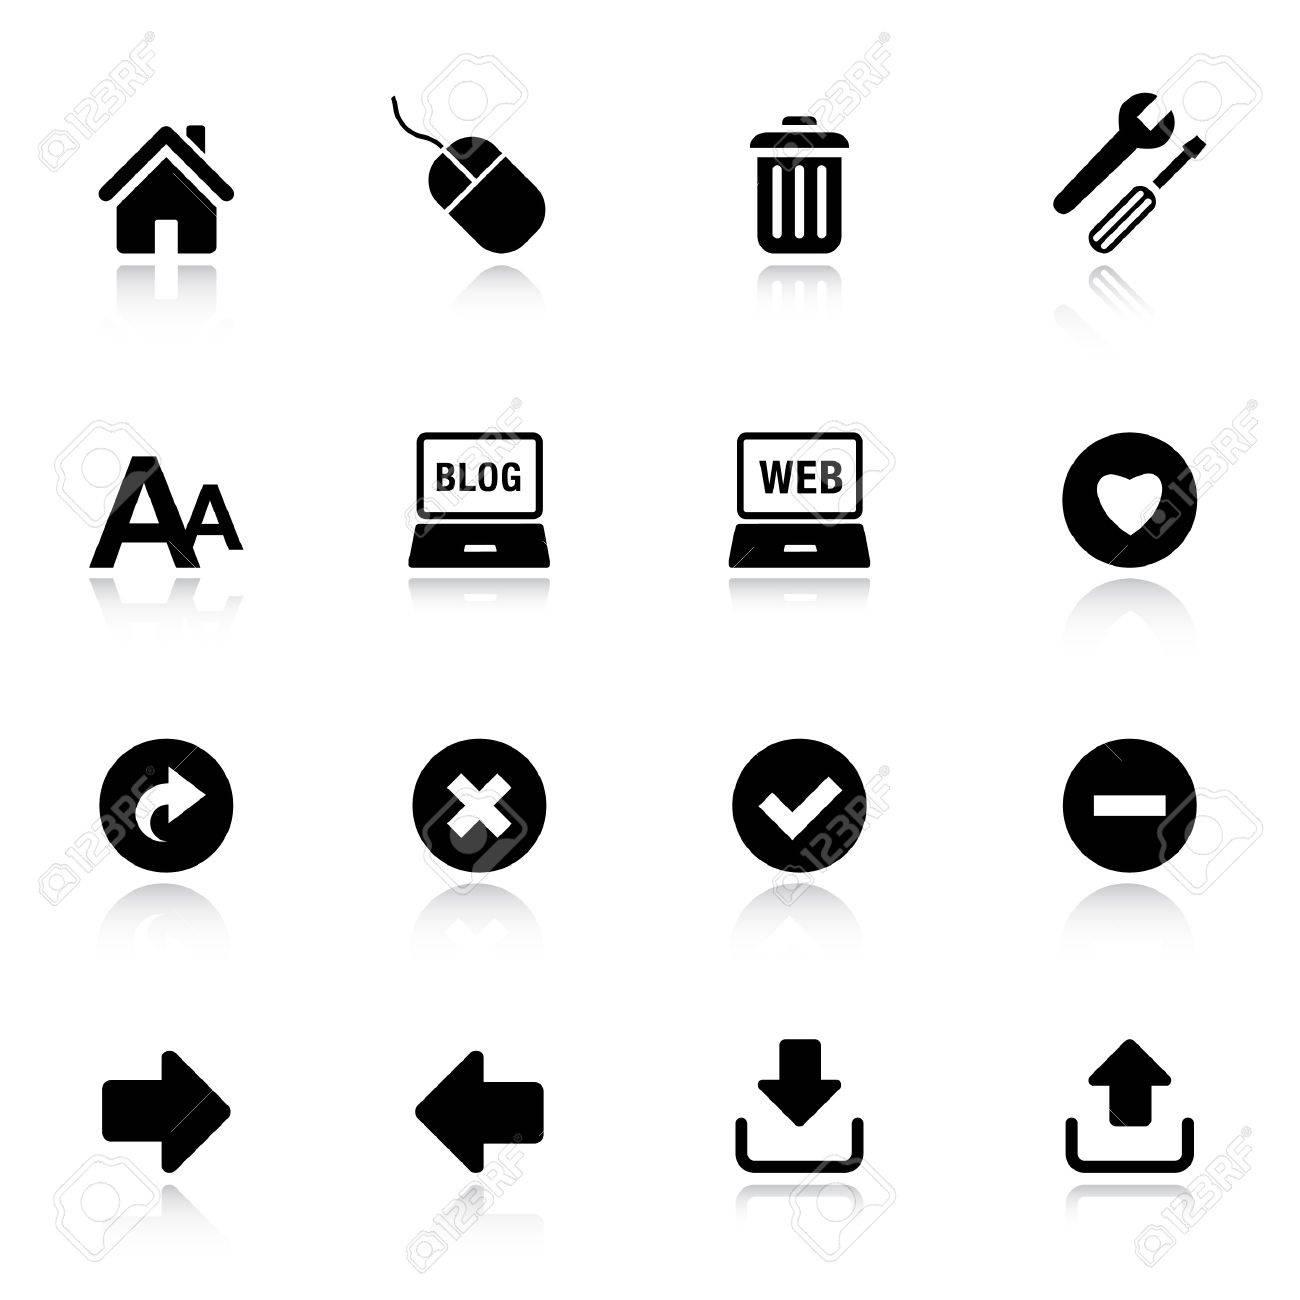 Basic - Classic Web Icons - 9701433